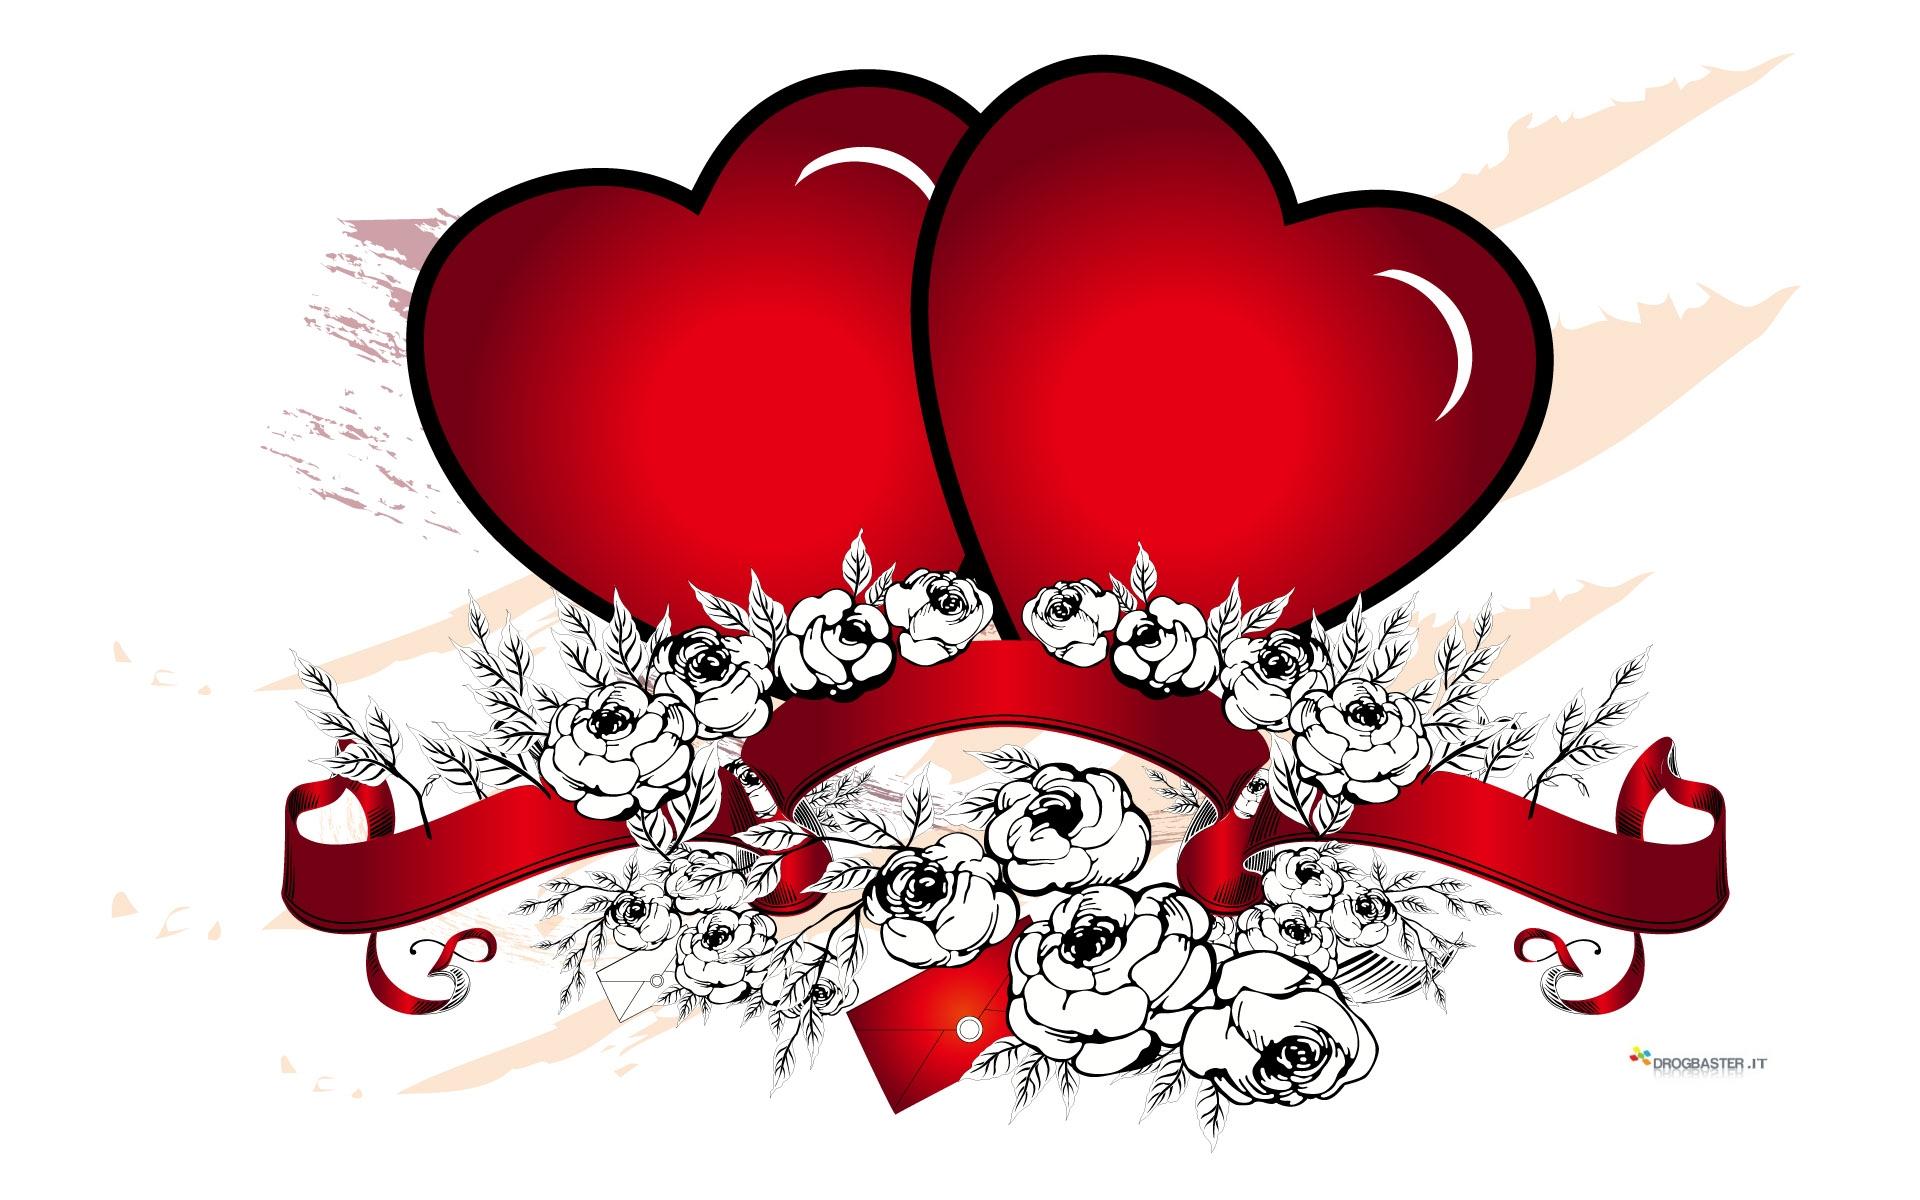 Sfondi Gratis per gli innamorati, il giorno di San Valentino.